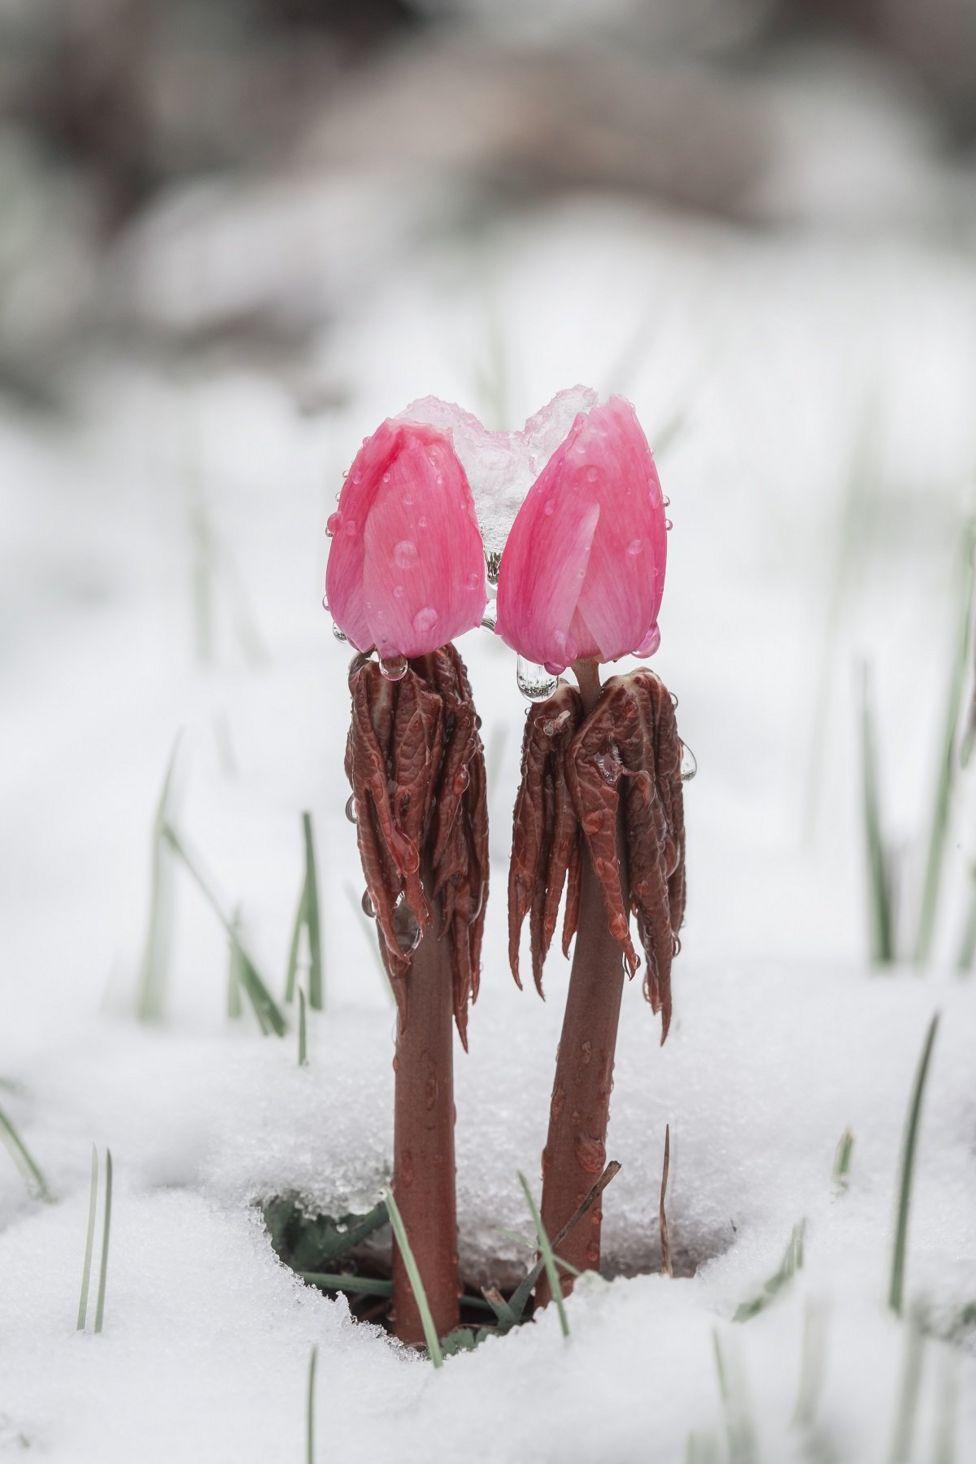 Dos capullos rosados cubiertos con agua y hielo y rodeados de nieve.